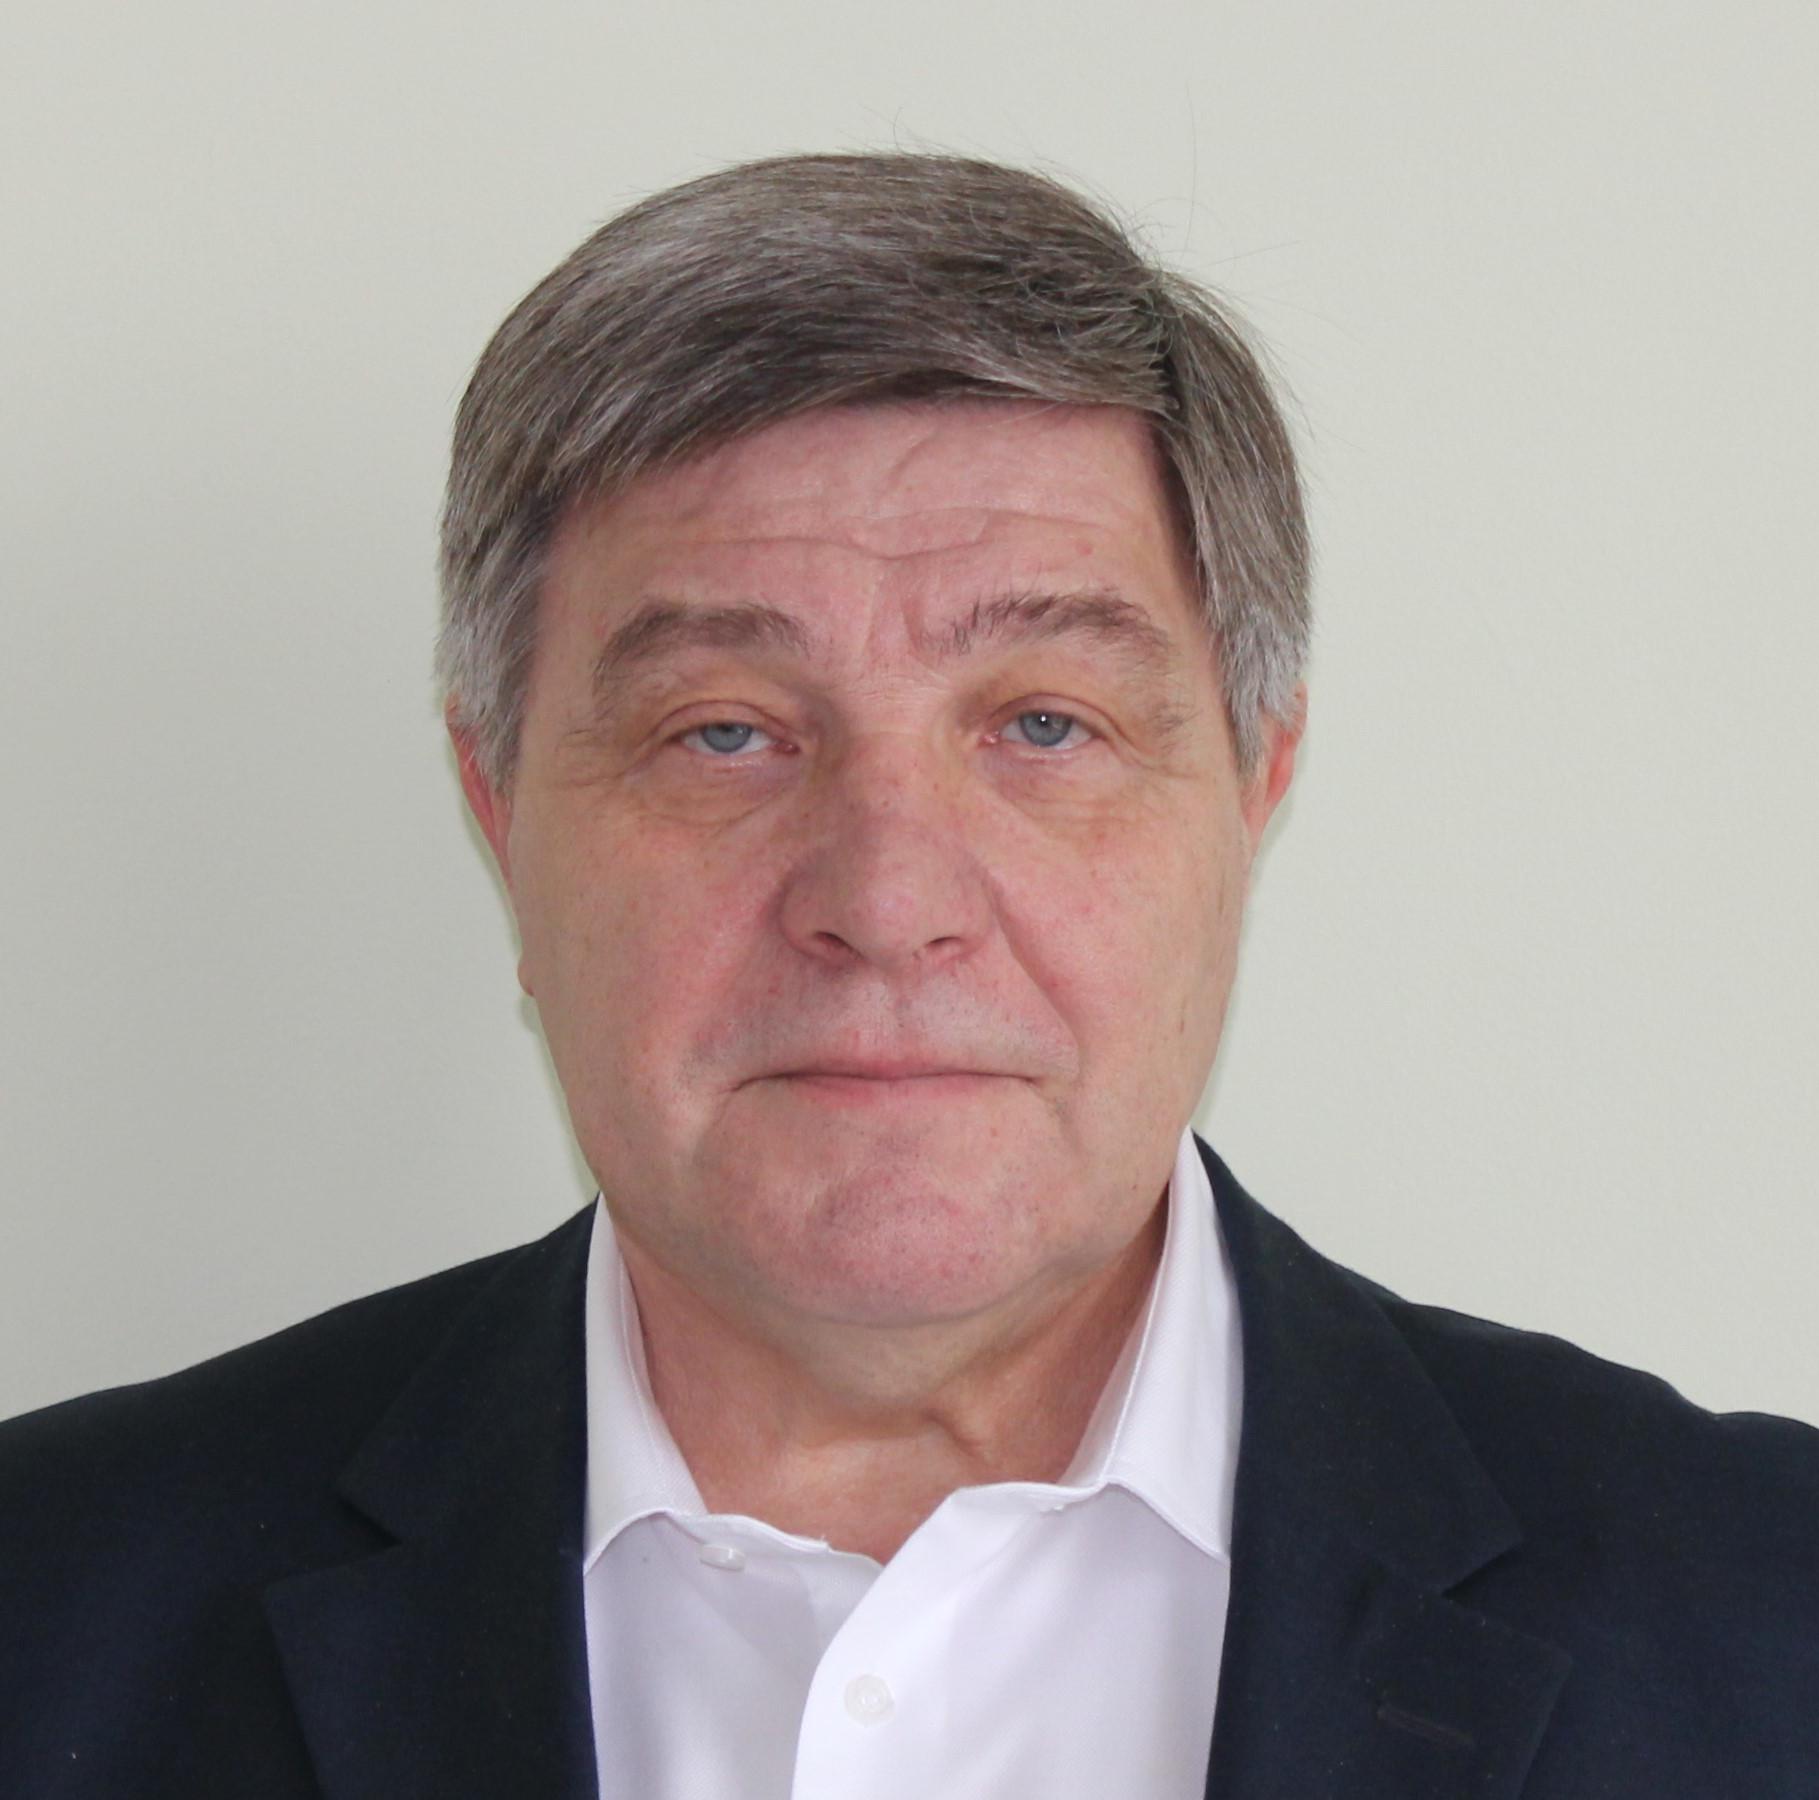 Безденежных Вячеслав Михайлович